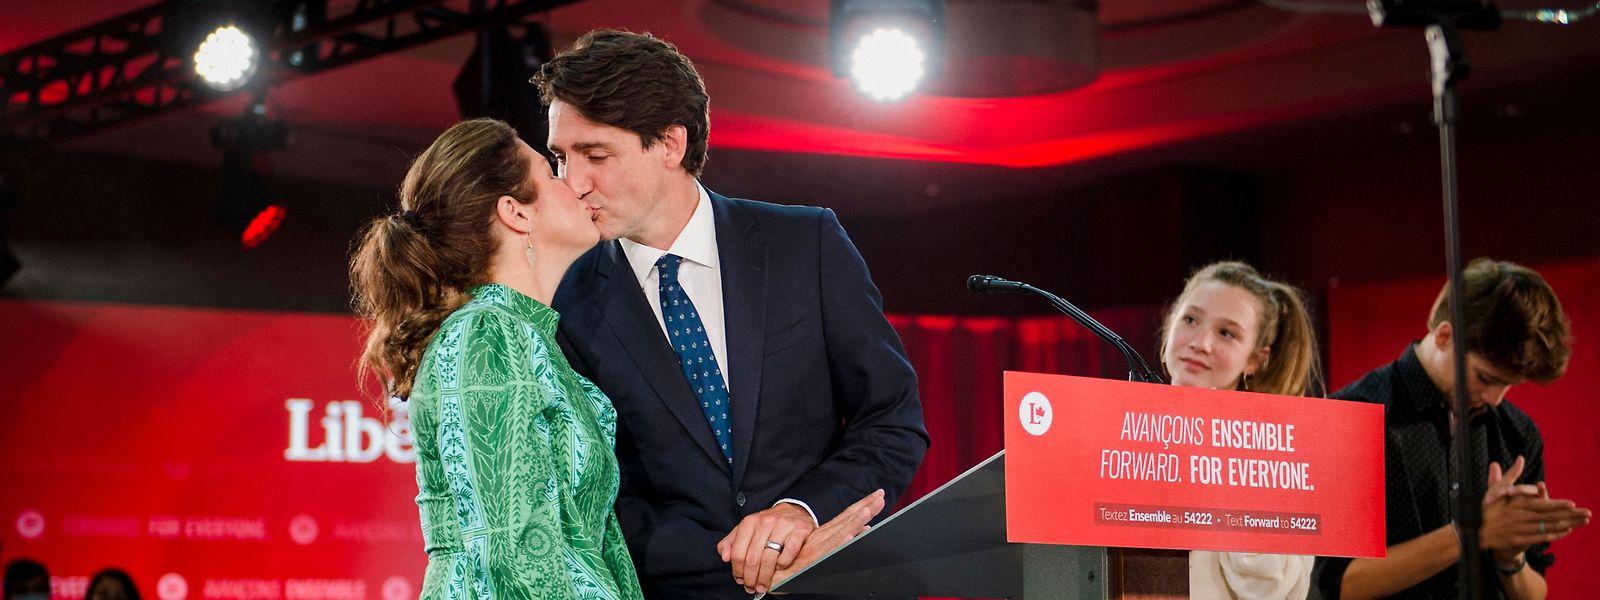 O primeiro-ministro canadiano Justin Trudeau beija a mulher ao lado dos filhos Ella-Grace e Xavier, antes do discurso de vitória após as eleições gerais no país, em Montreal.